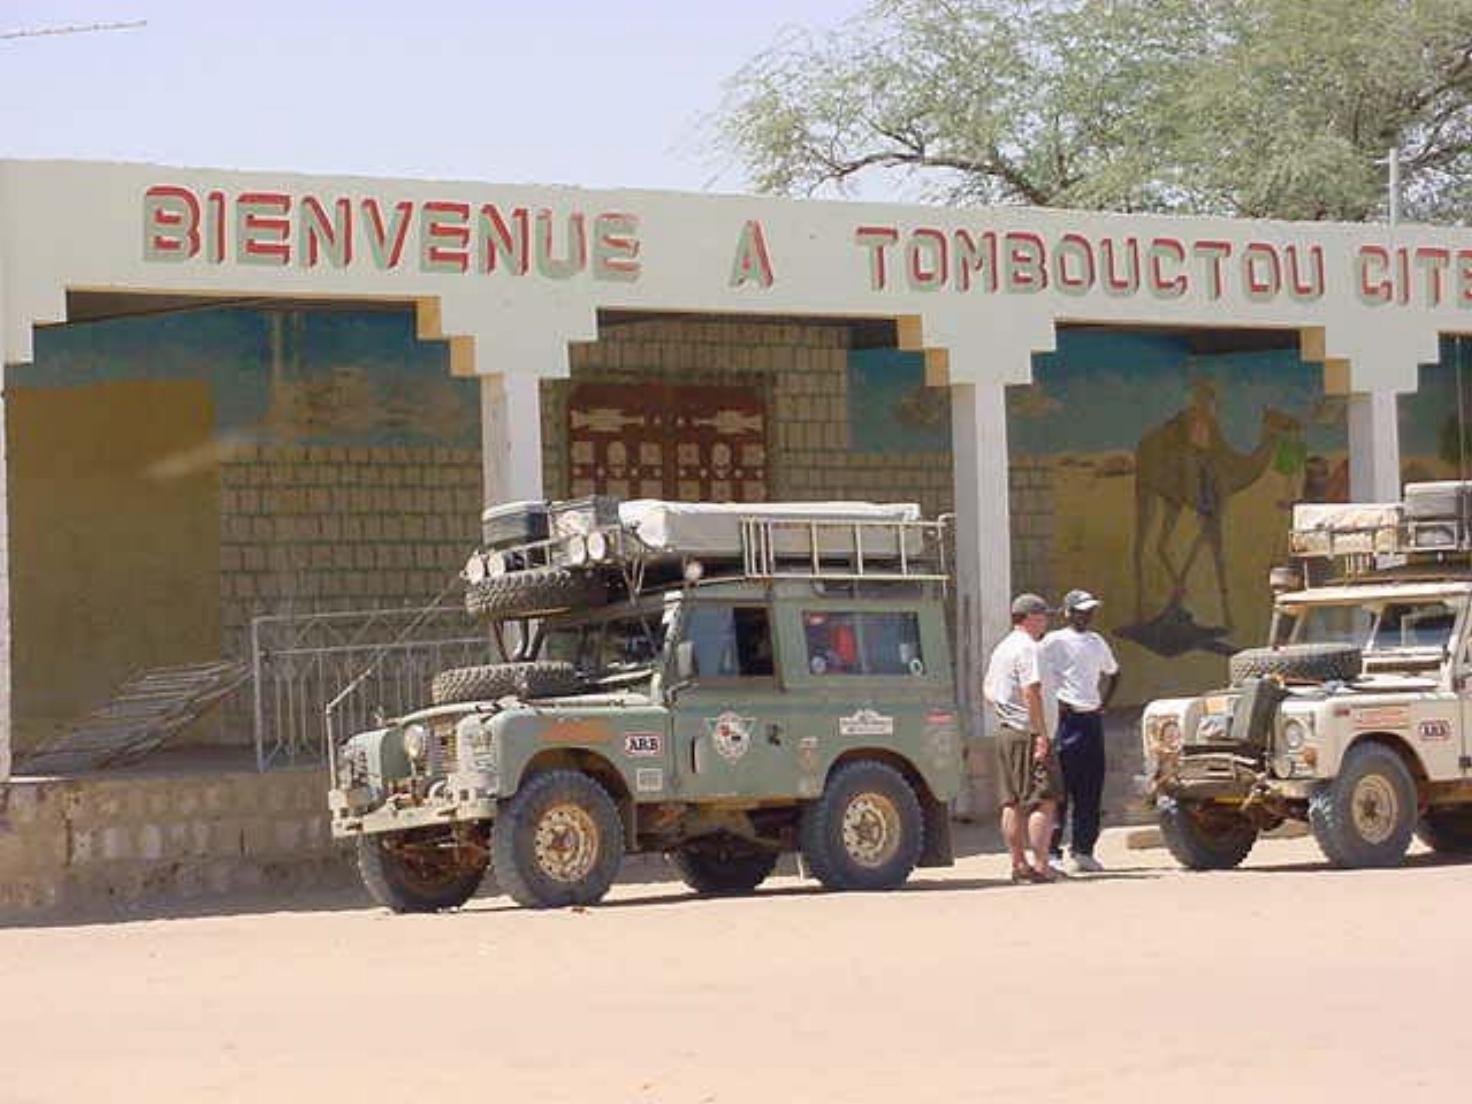 Bienvenue A Tombouctou